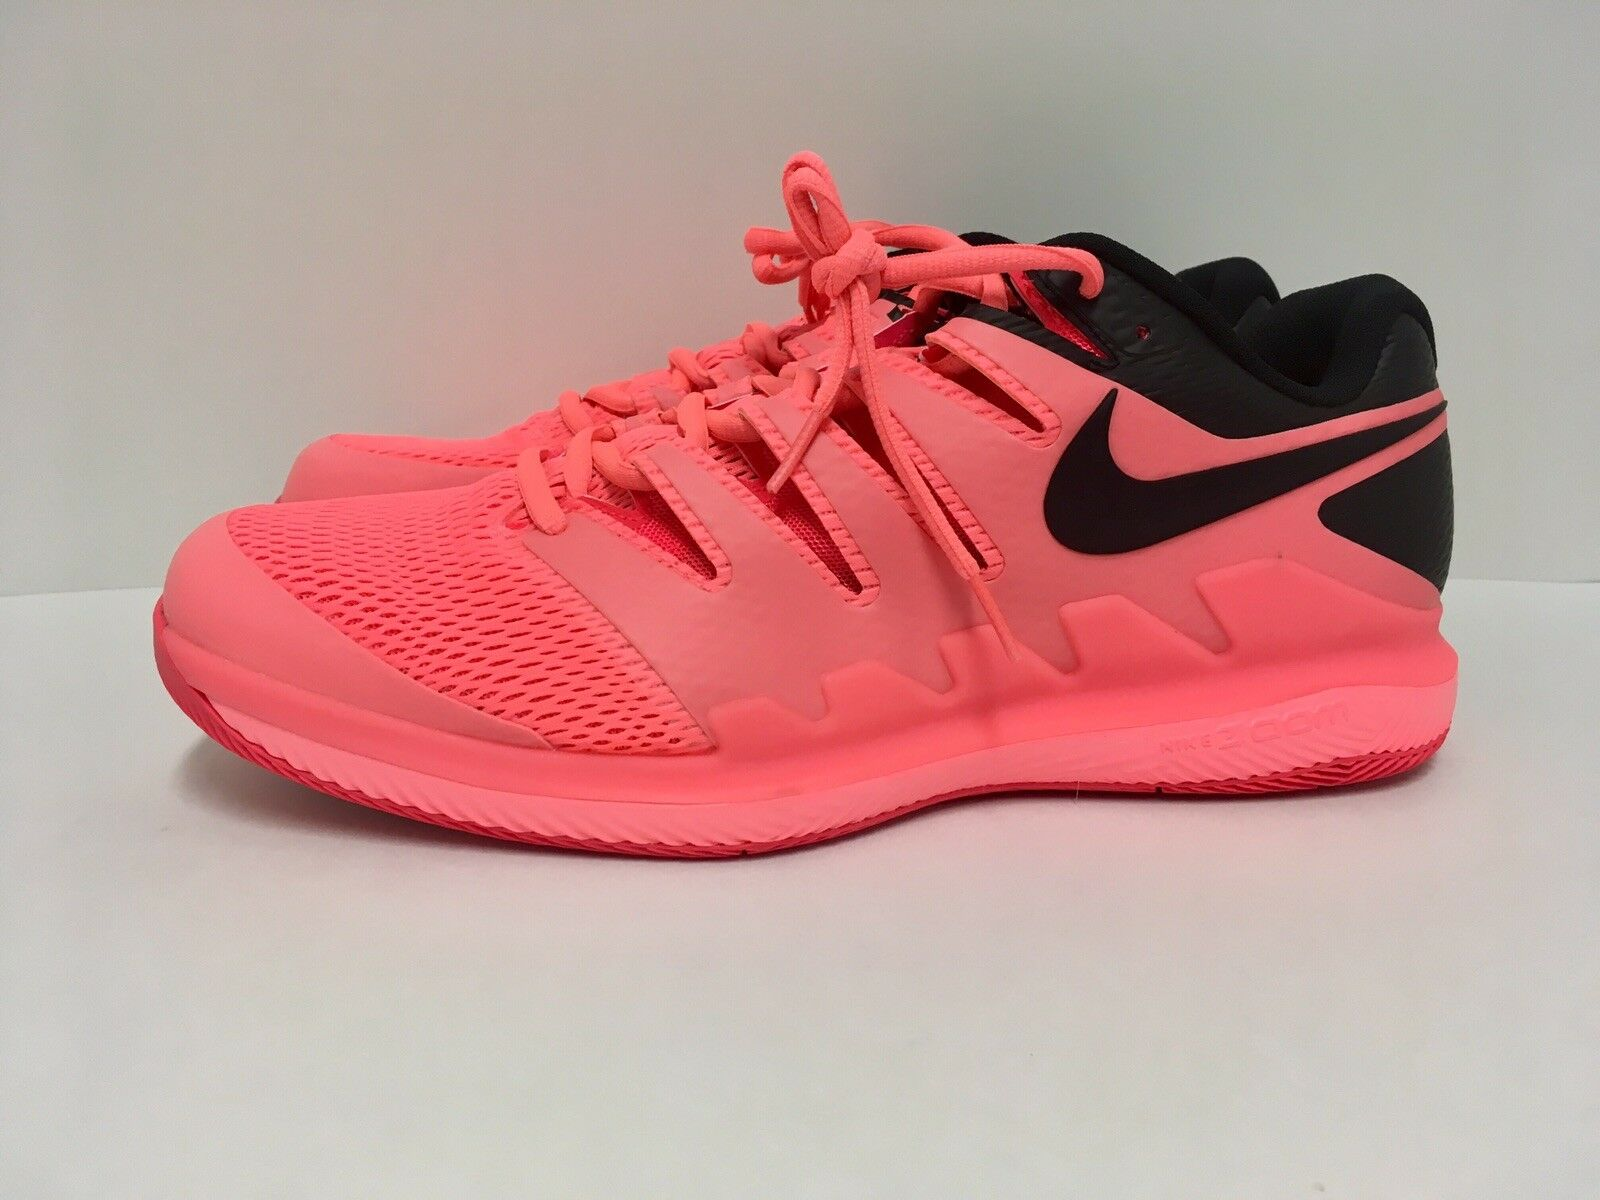 Nike air zoom vapor hc - x hc vapor leuchten der lava roger federer schuhe bei 11,5 aa8030-661 größe bf3715